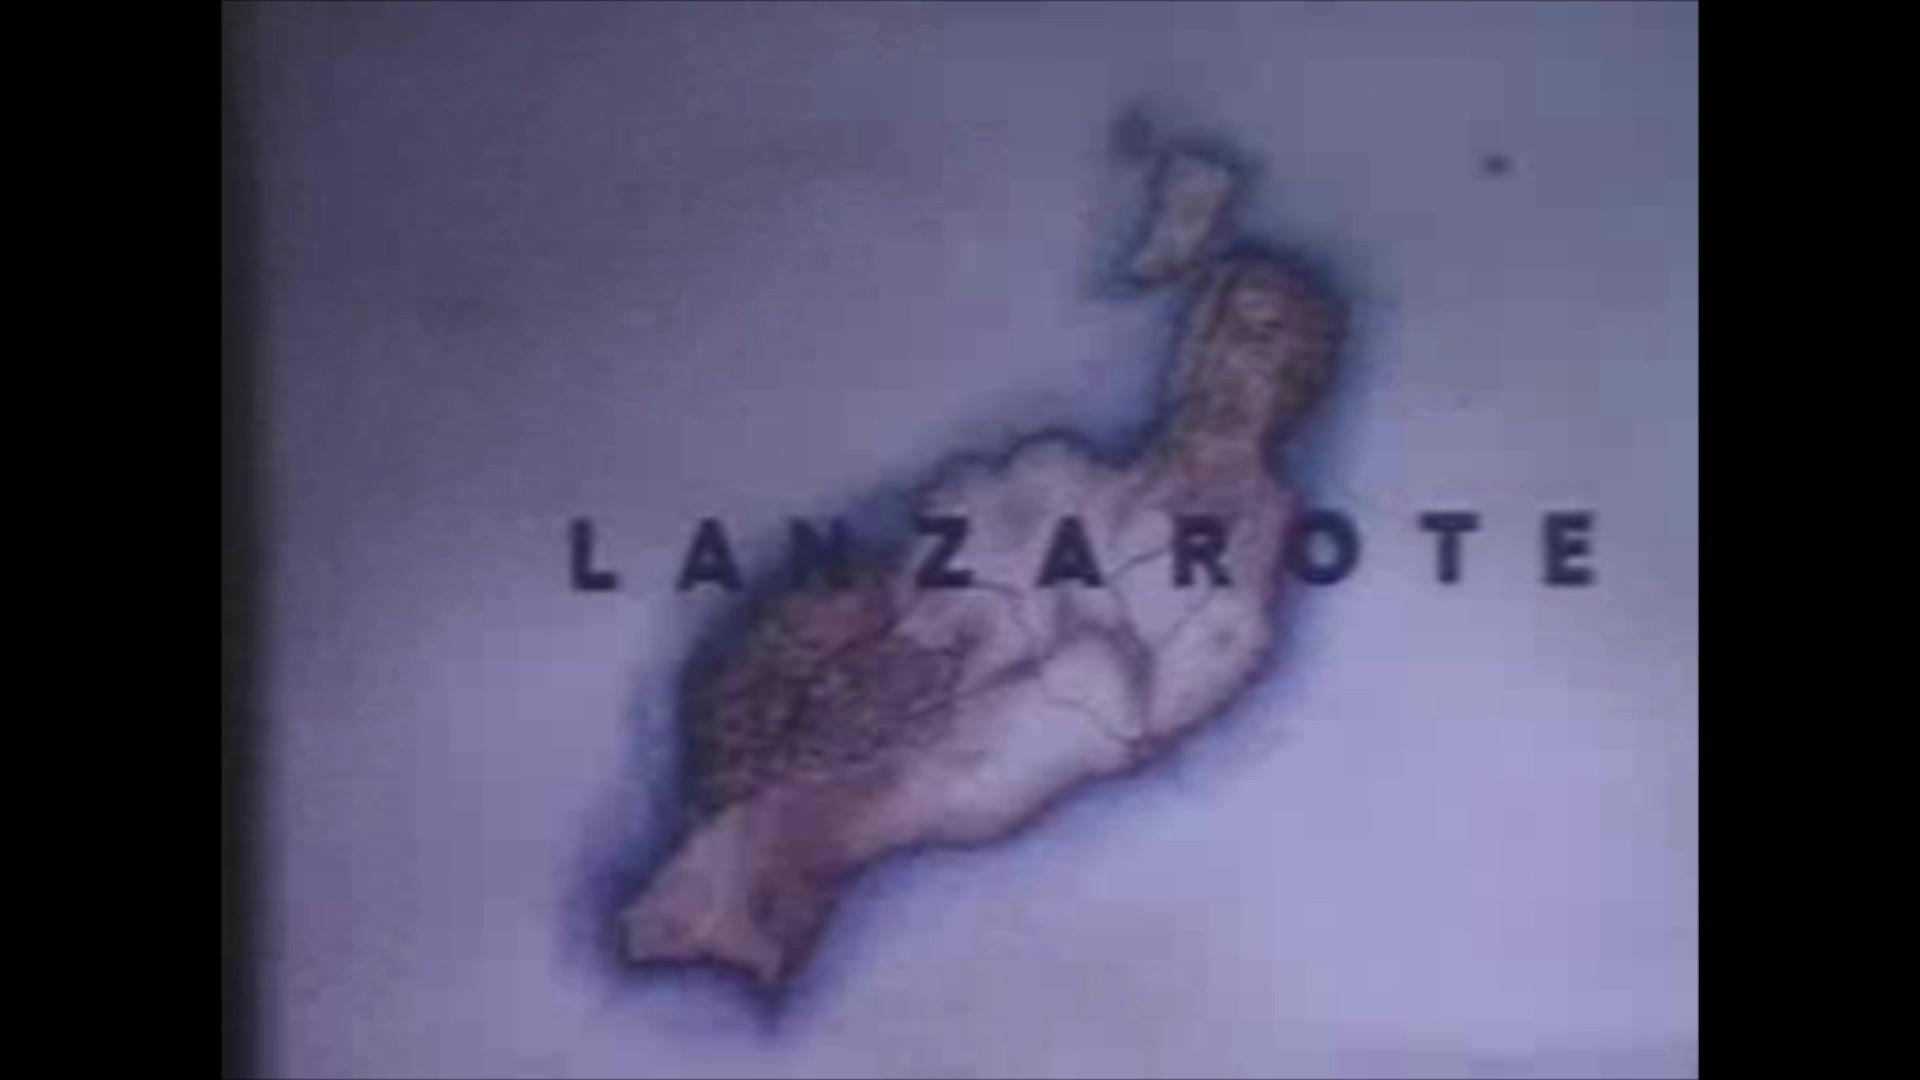 Fragmentos de un documental sobre Lanzarote (1968)